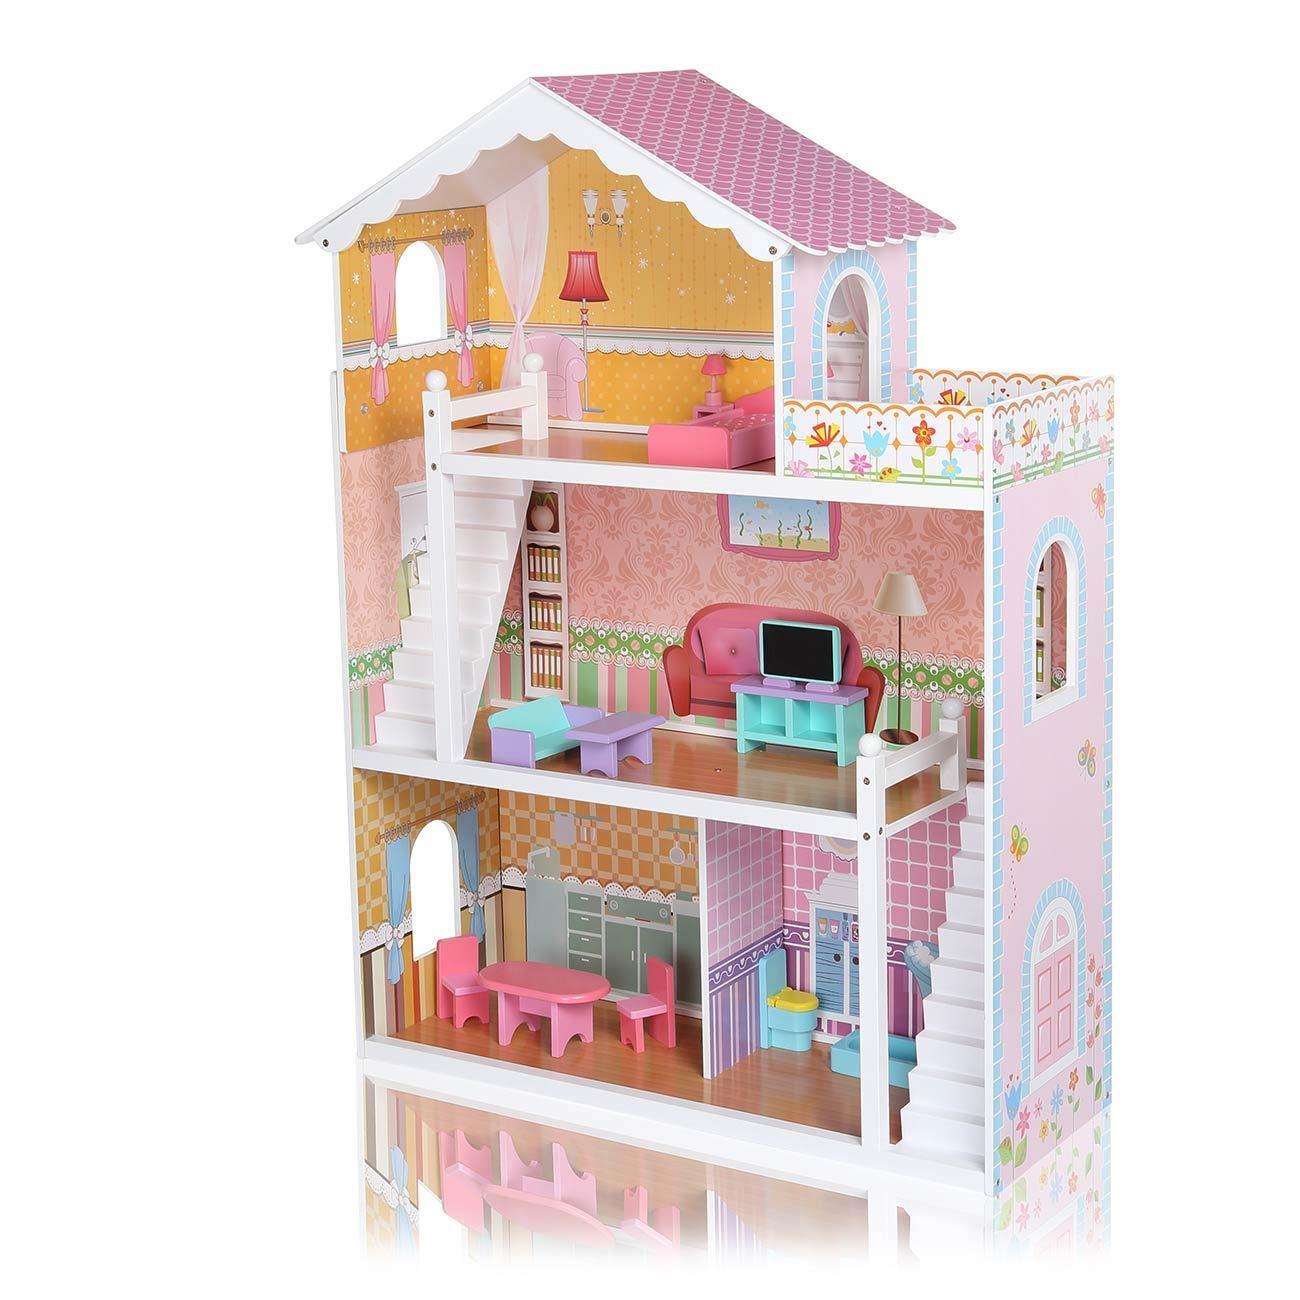 Casa delle Bambole Legno Bambole Tube dollhouse 3 PIANI VIOLETTA BAMBOLE MOBILI NUOVO BABY viv